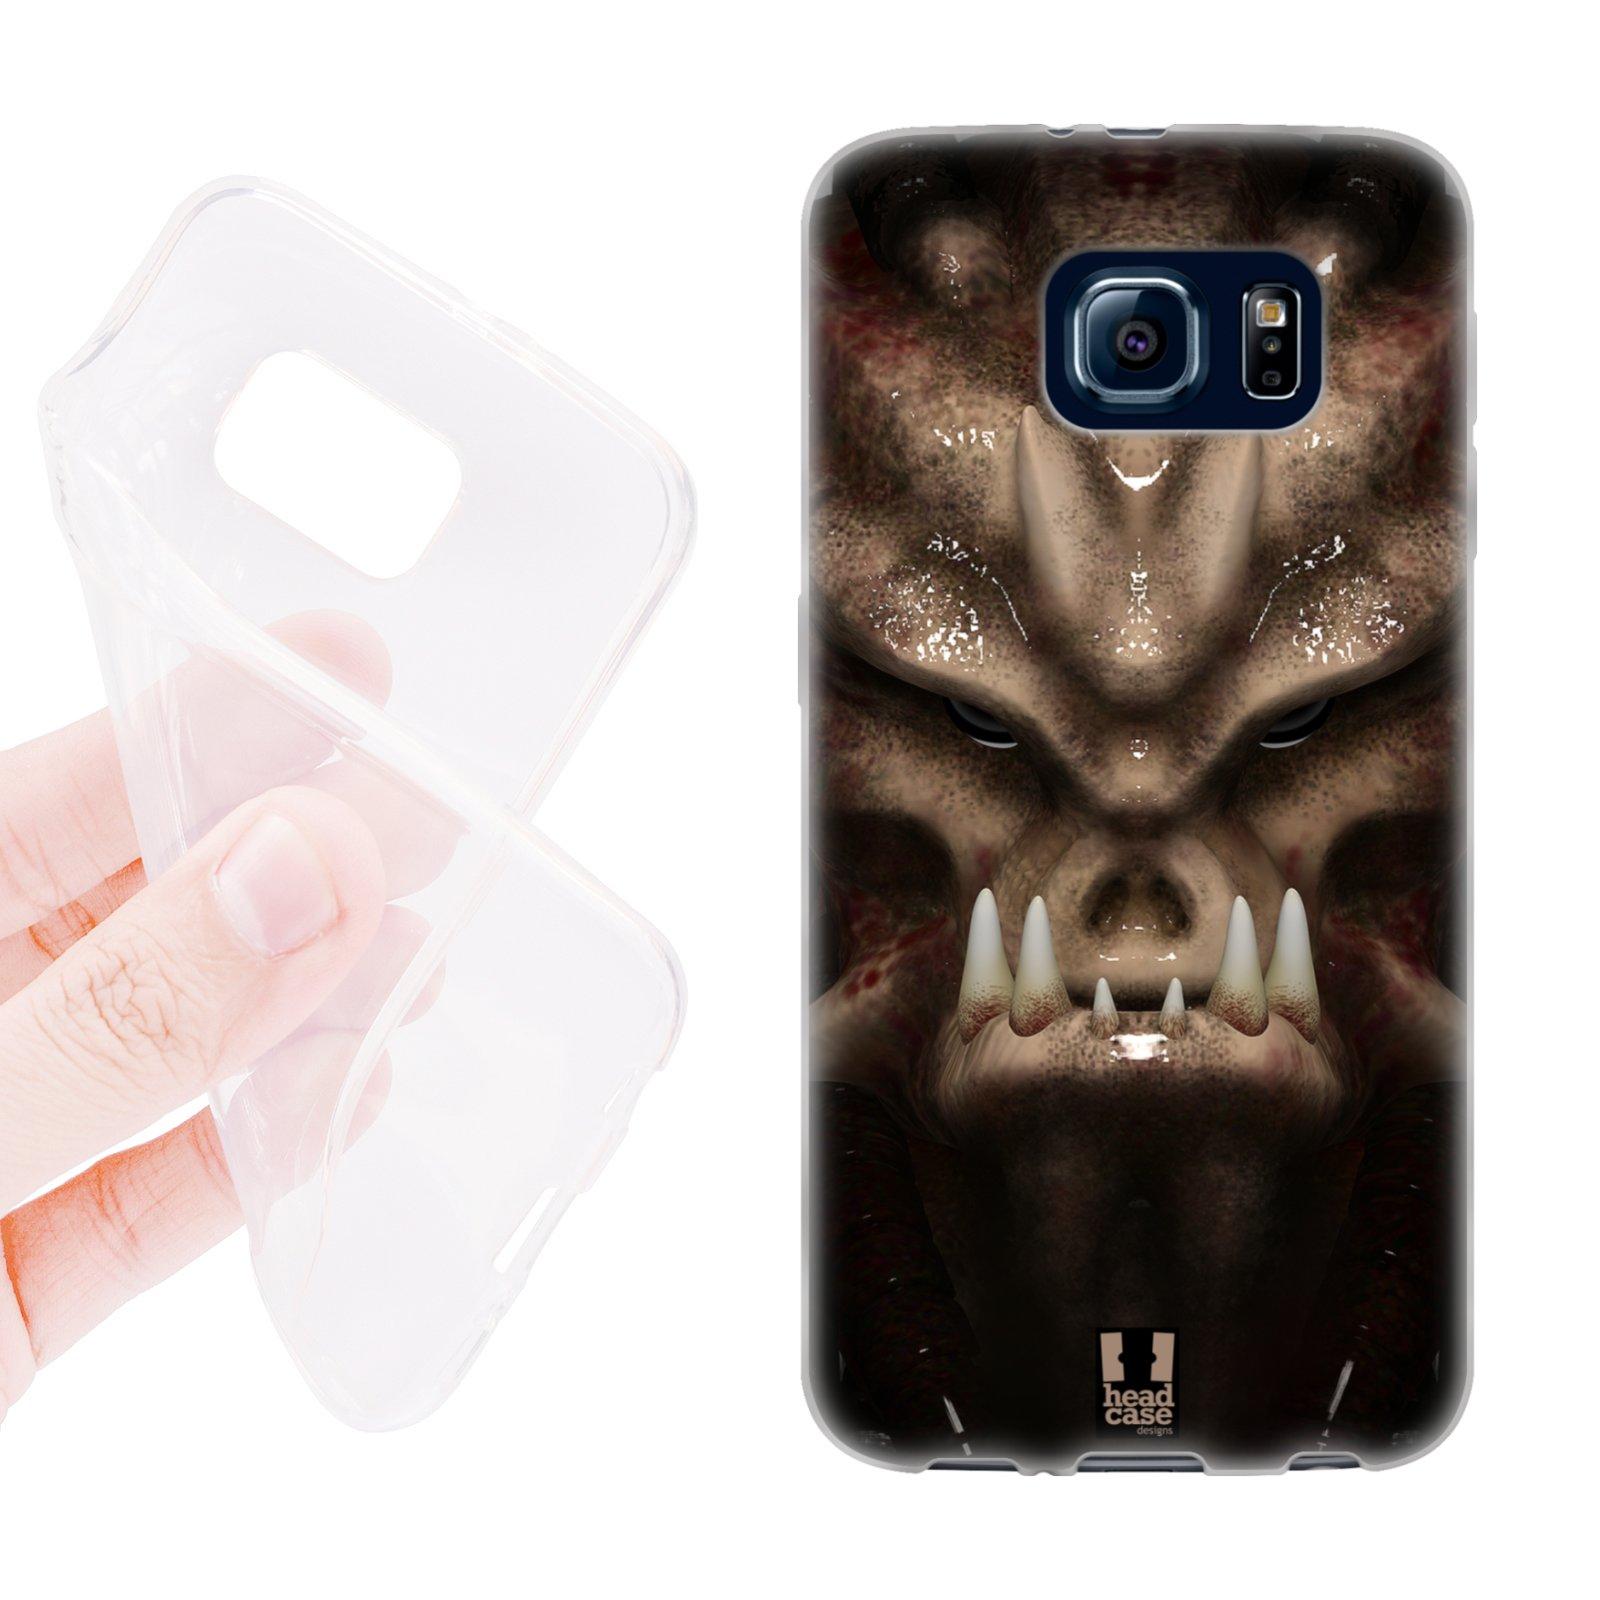 d3c97c7dc HEAD CASE silikonový obal na mobil Samsung galaxy S6 vesmírný válečník  vetřelec